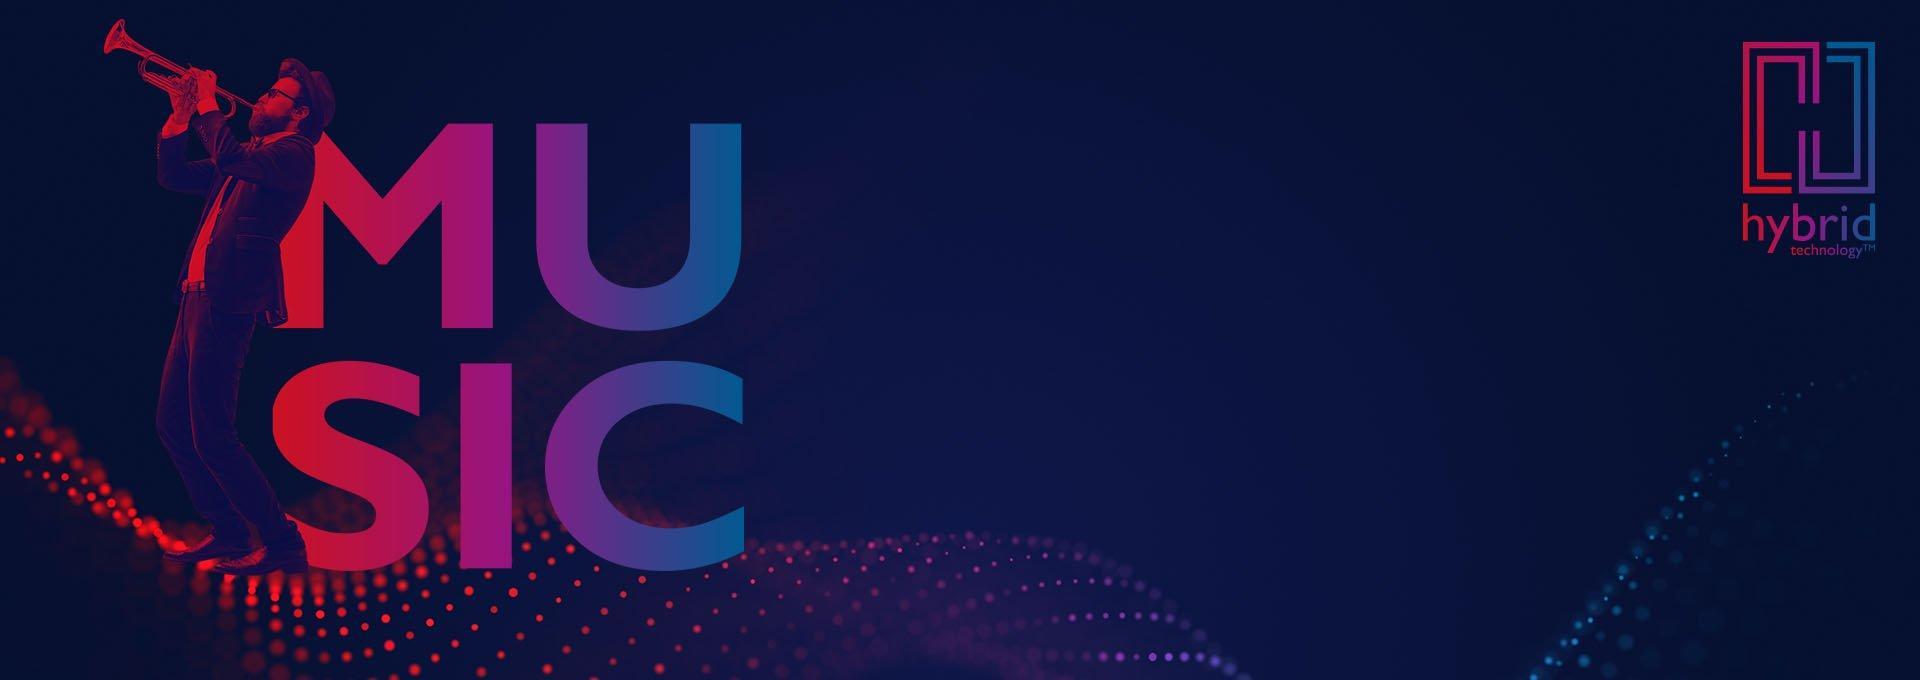 Czerwono-niebieska wizualizacja tańczącej kobiety obok słowa MUSIC, logo Hybrid Technology oraz wizualizacja fali dźwiękowej